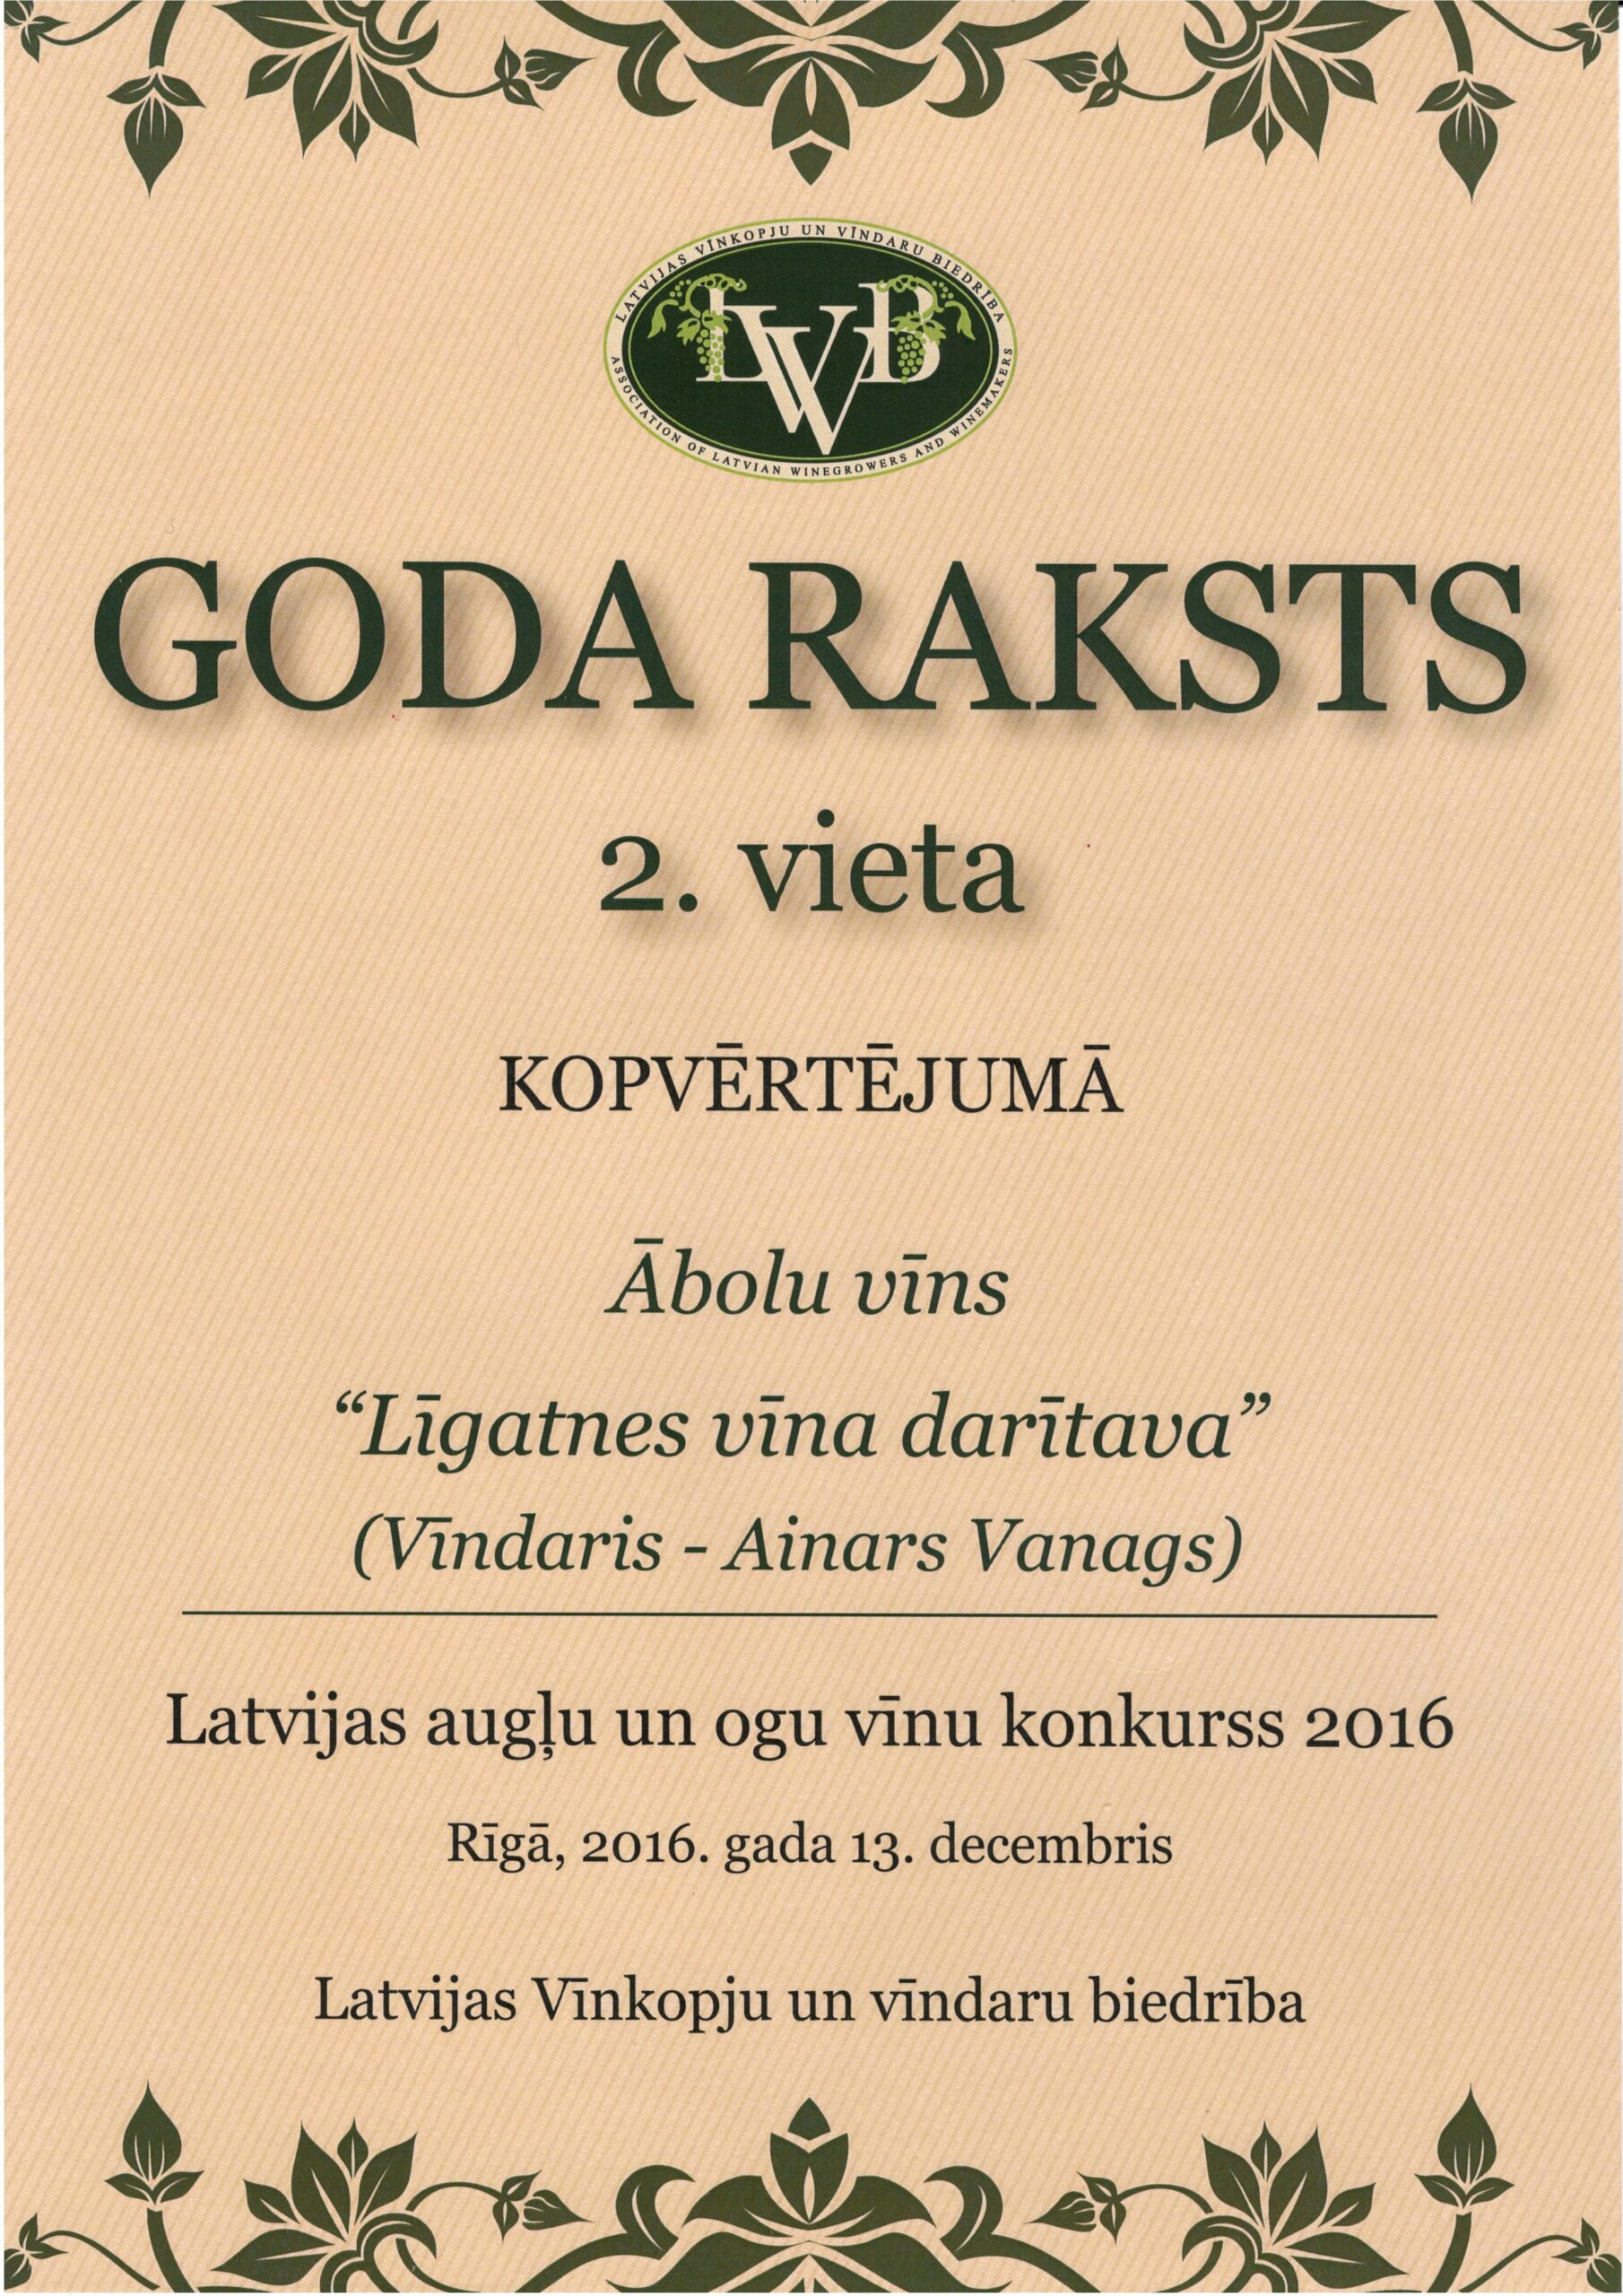 LVB 2.vieta kopvērtējumā Ābolu vīns